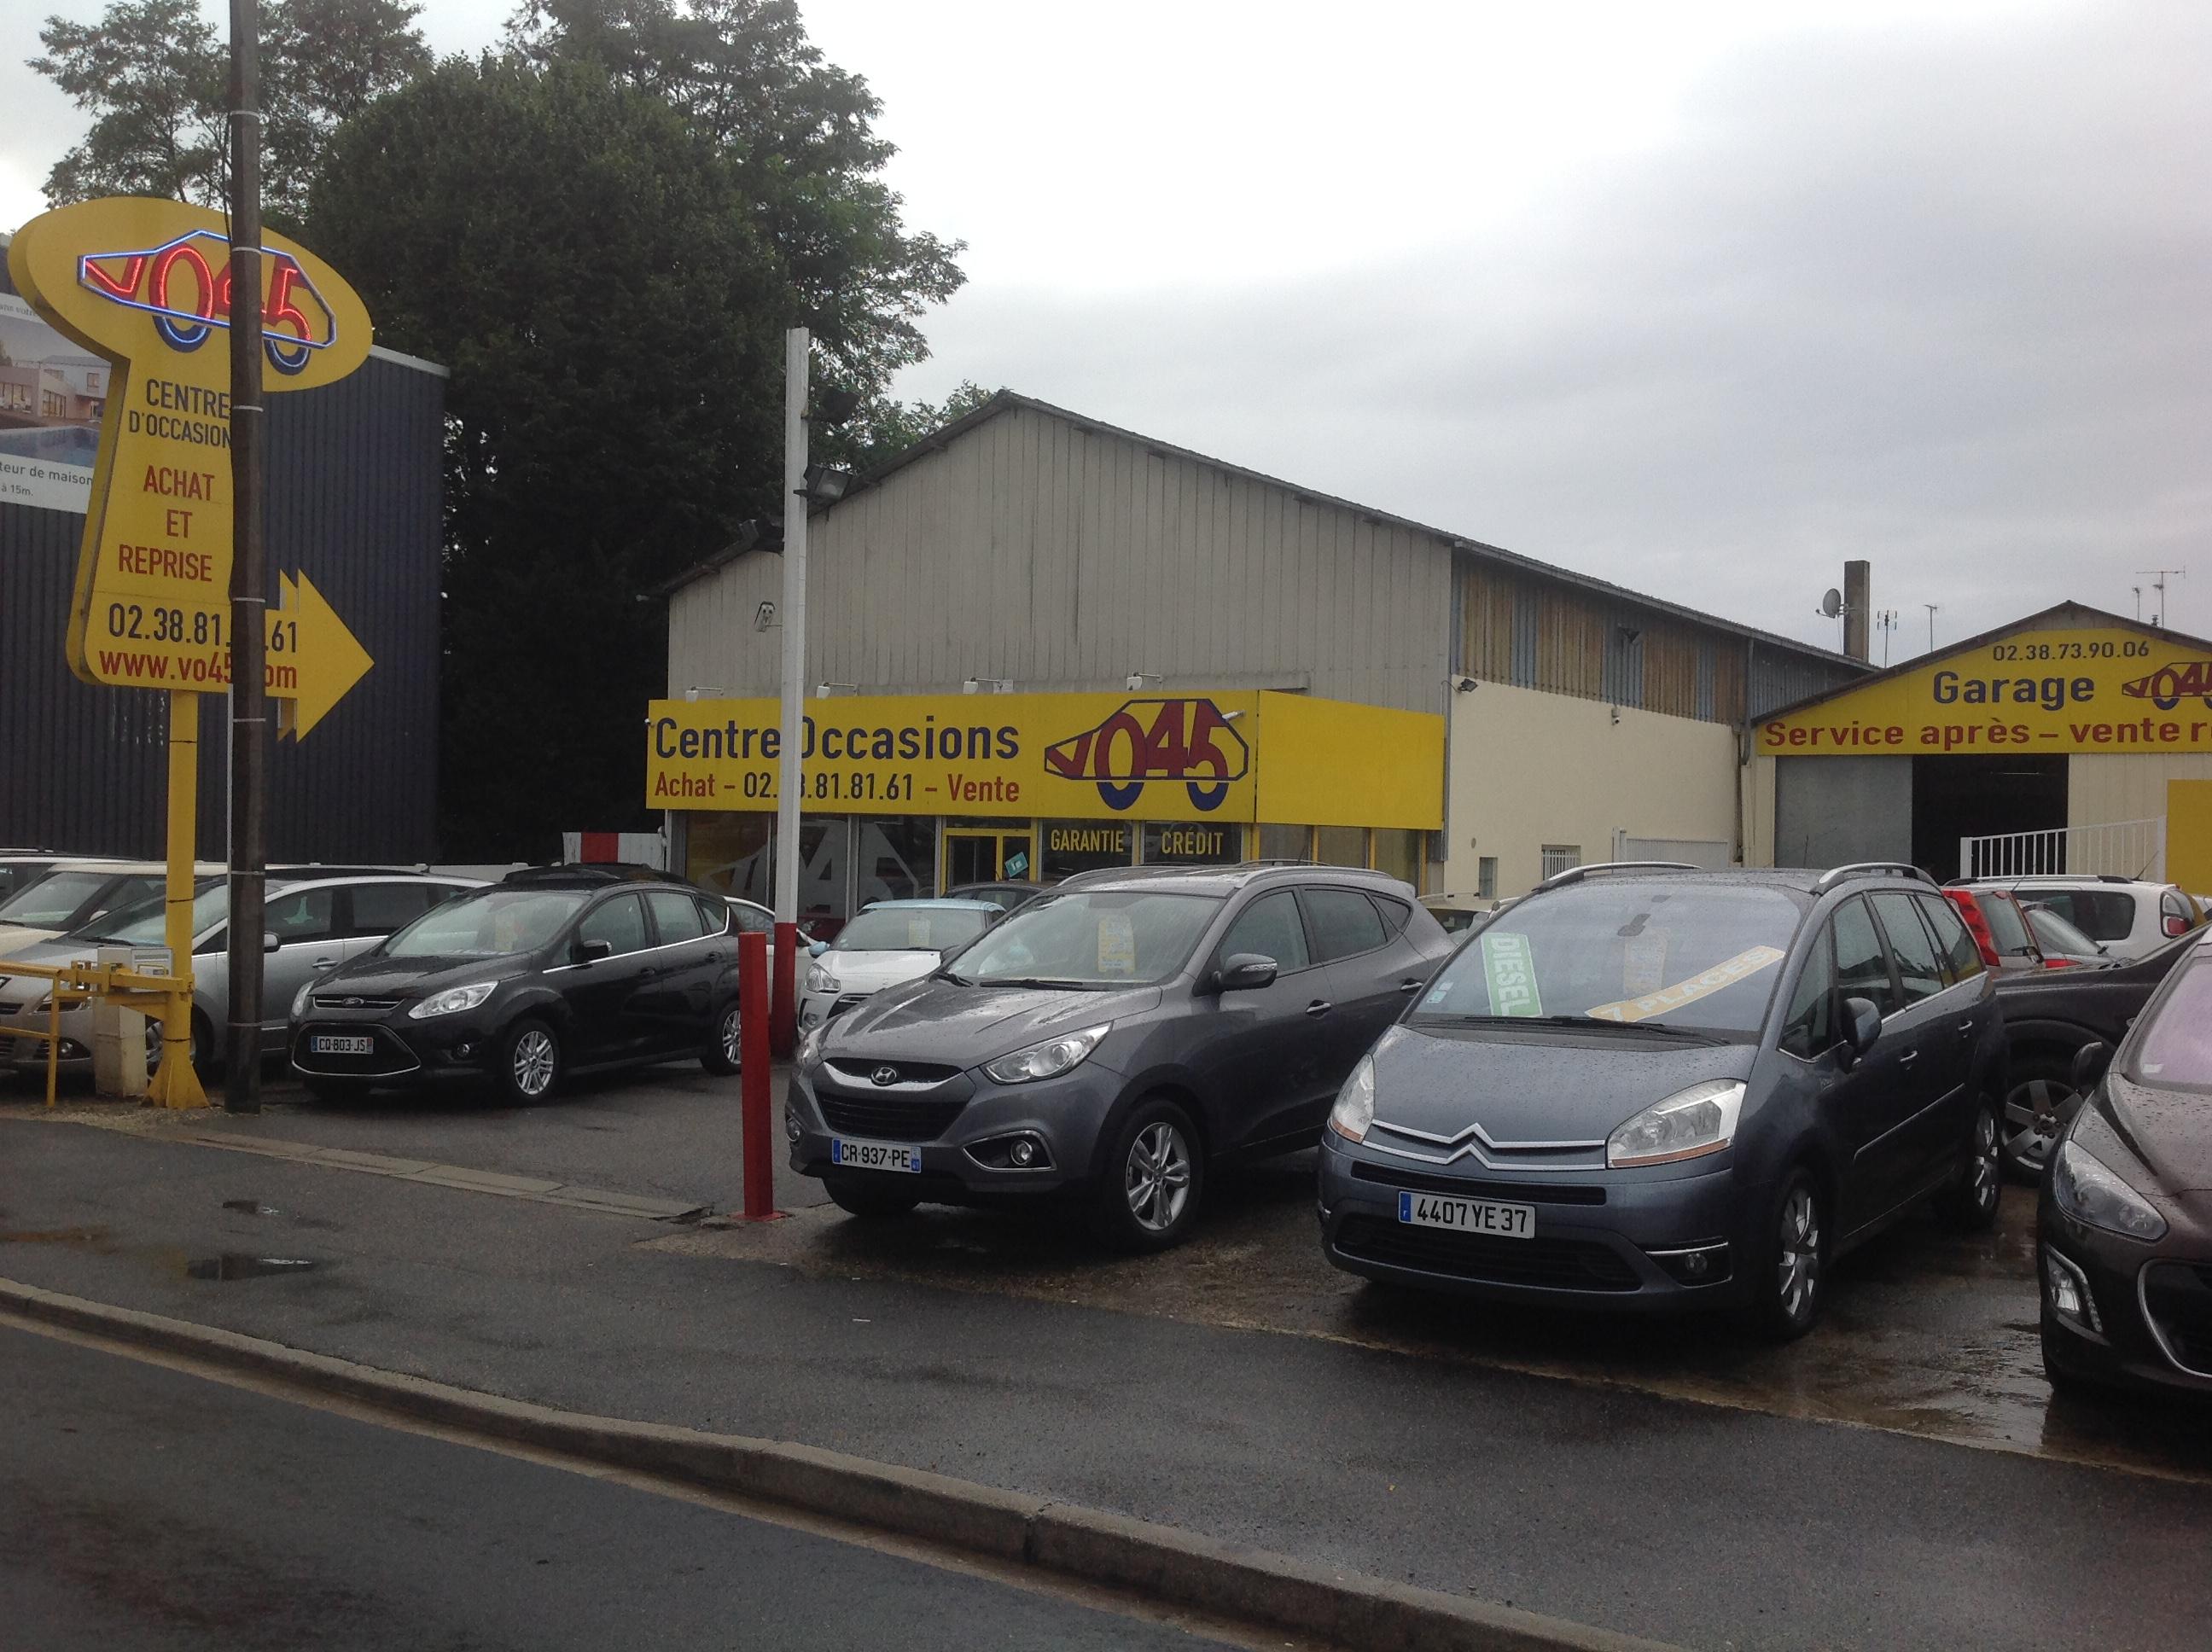 Garage Des Fosses Fleury Les Aubrais